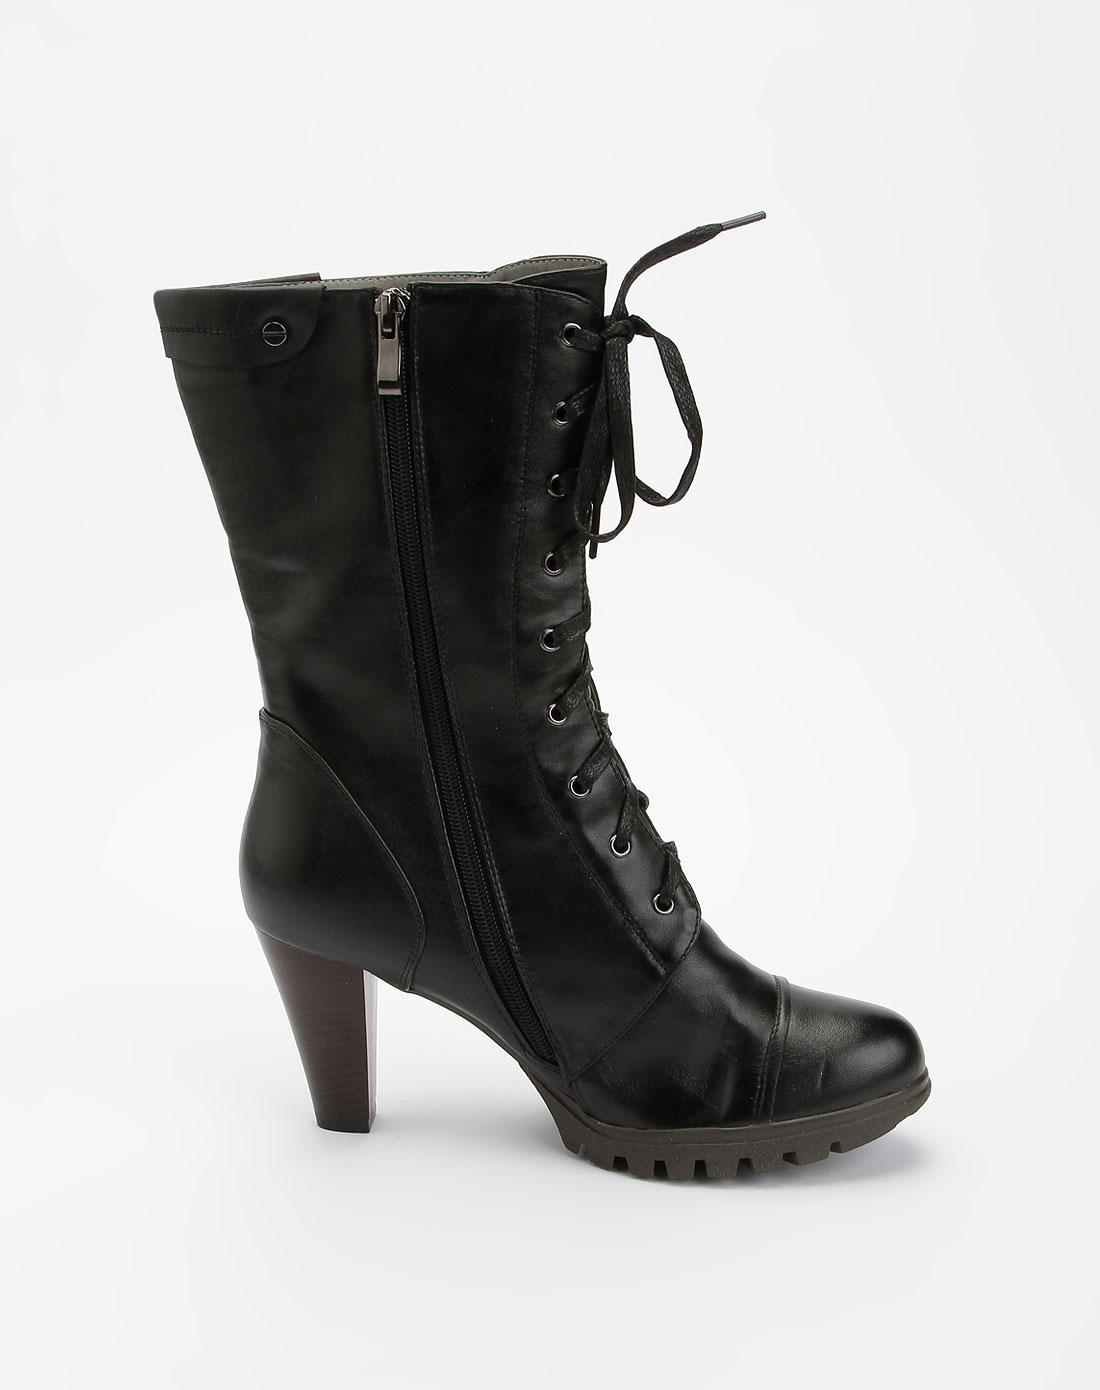 澳伦aolun女鞋专场黑色系带时尚中筒靴